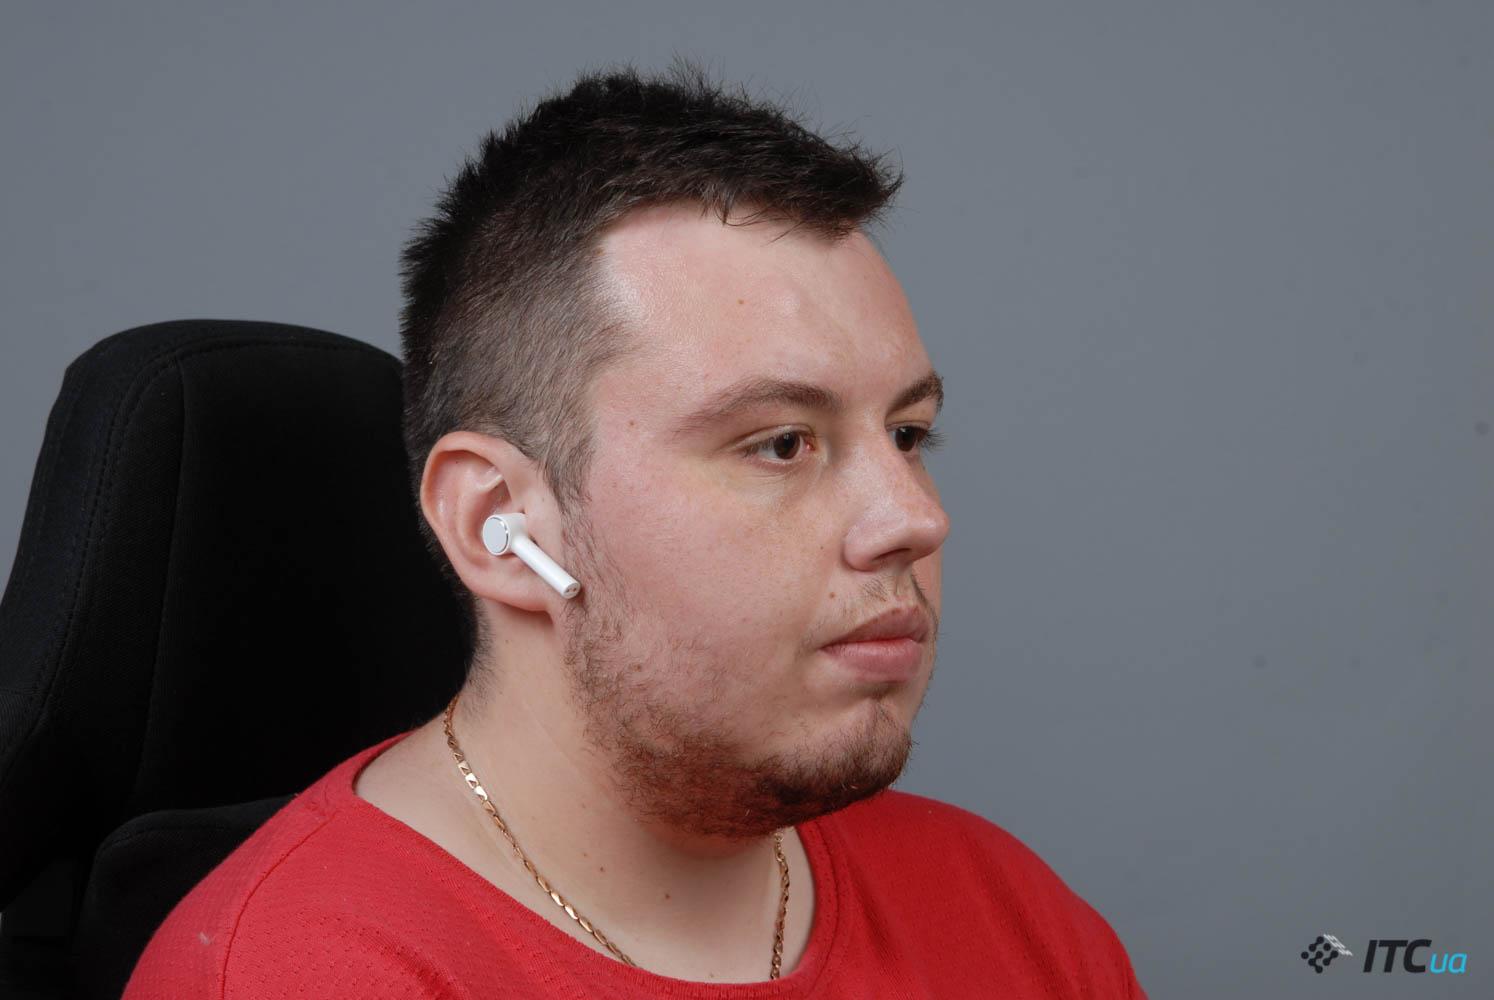 Mi AirDots Pro –обзор беспроводных наушников Xiaomi - ITC.ua